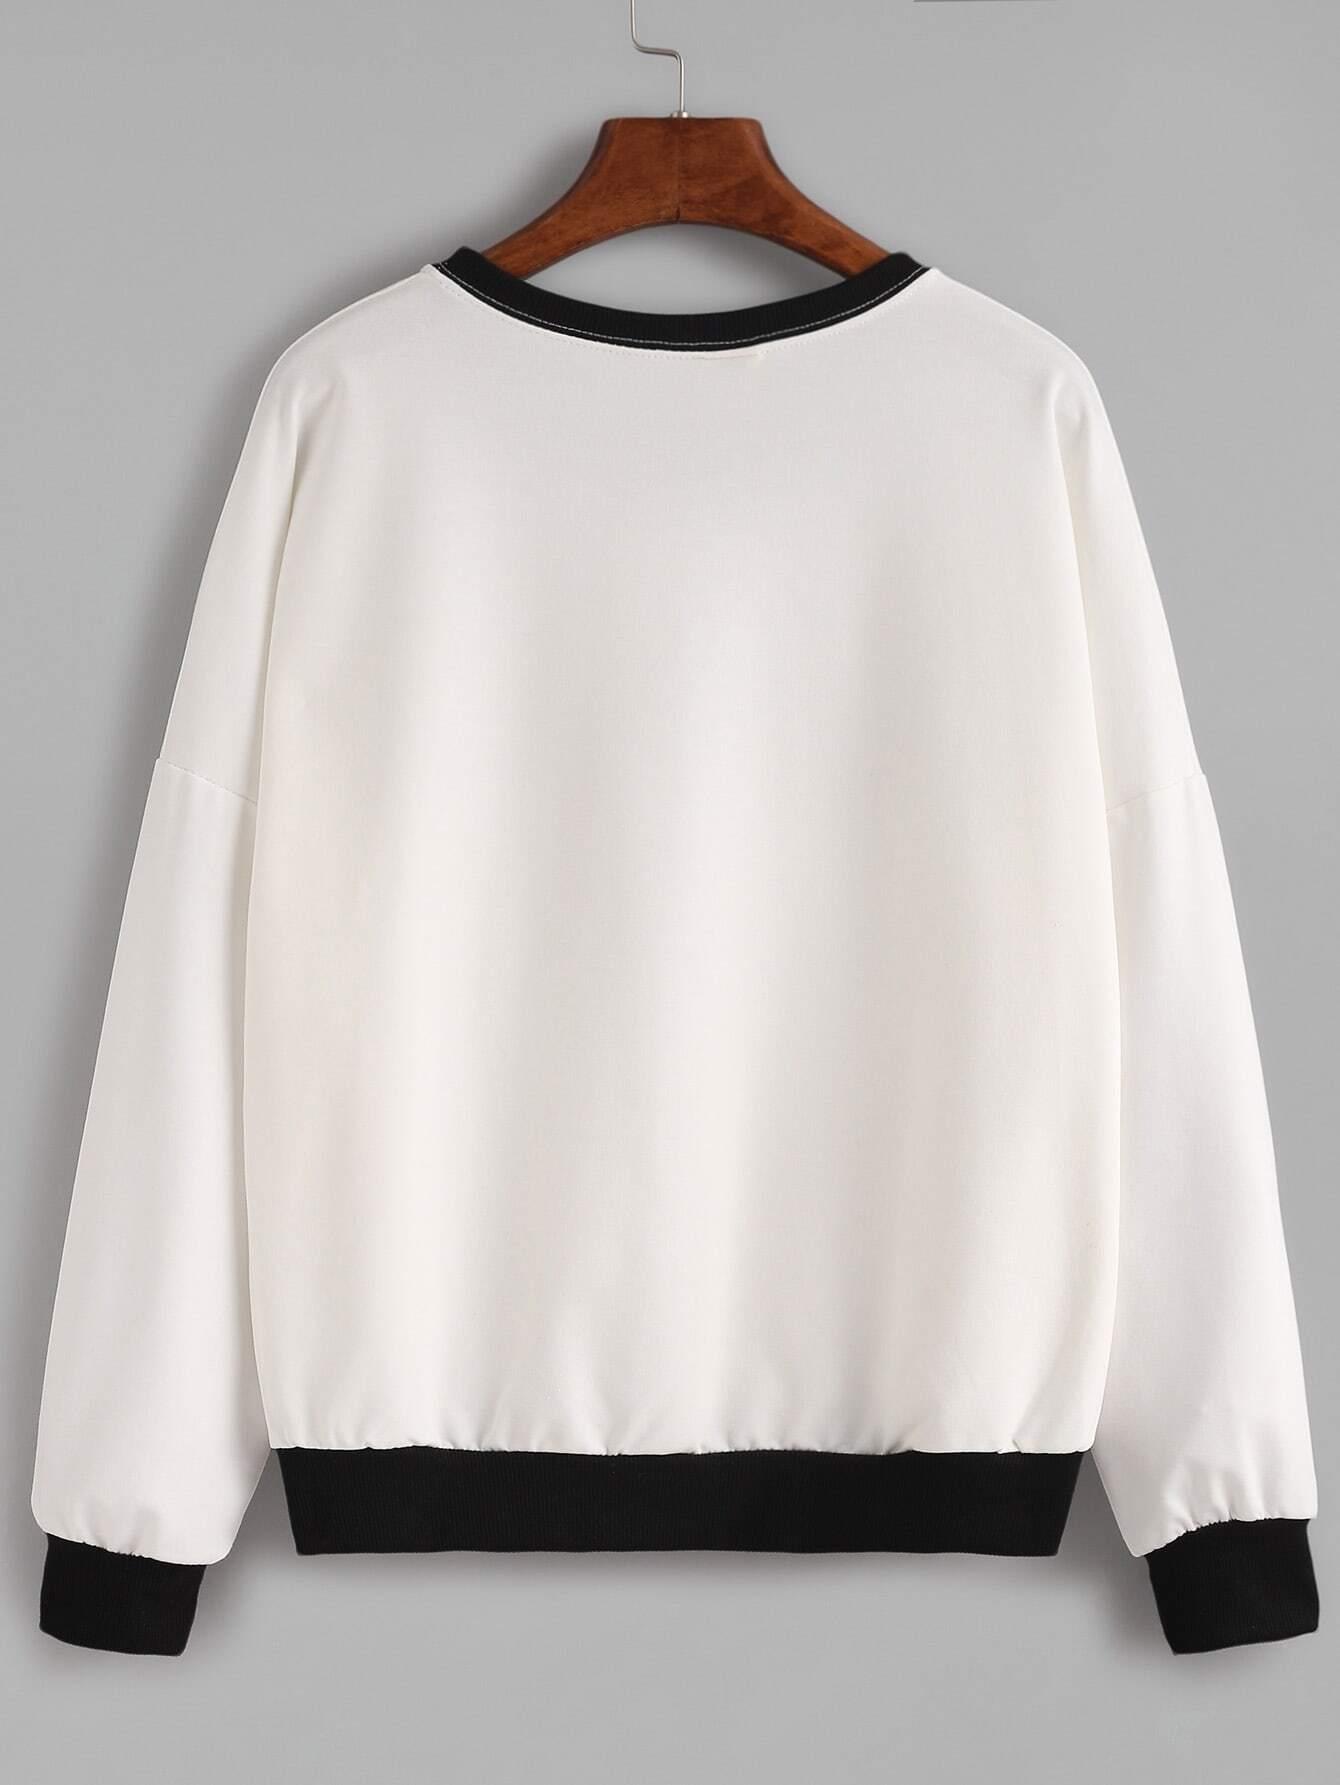 sweatshirt160914007_2